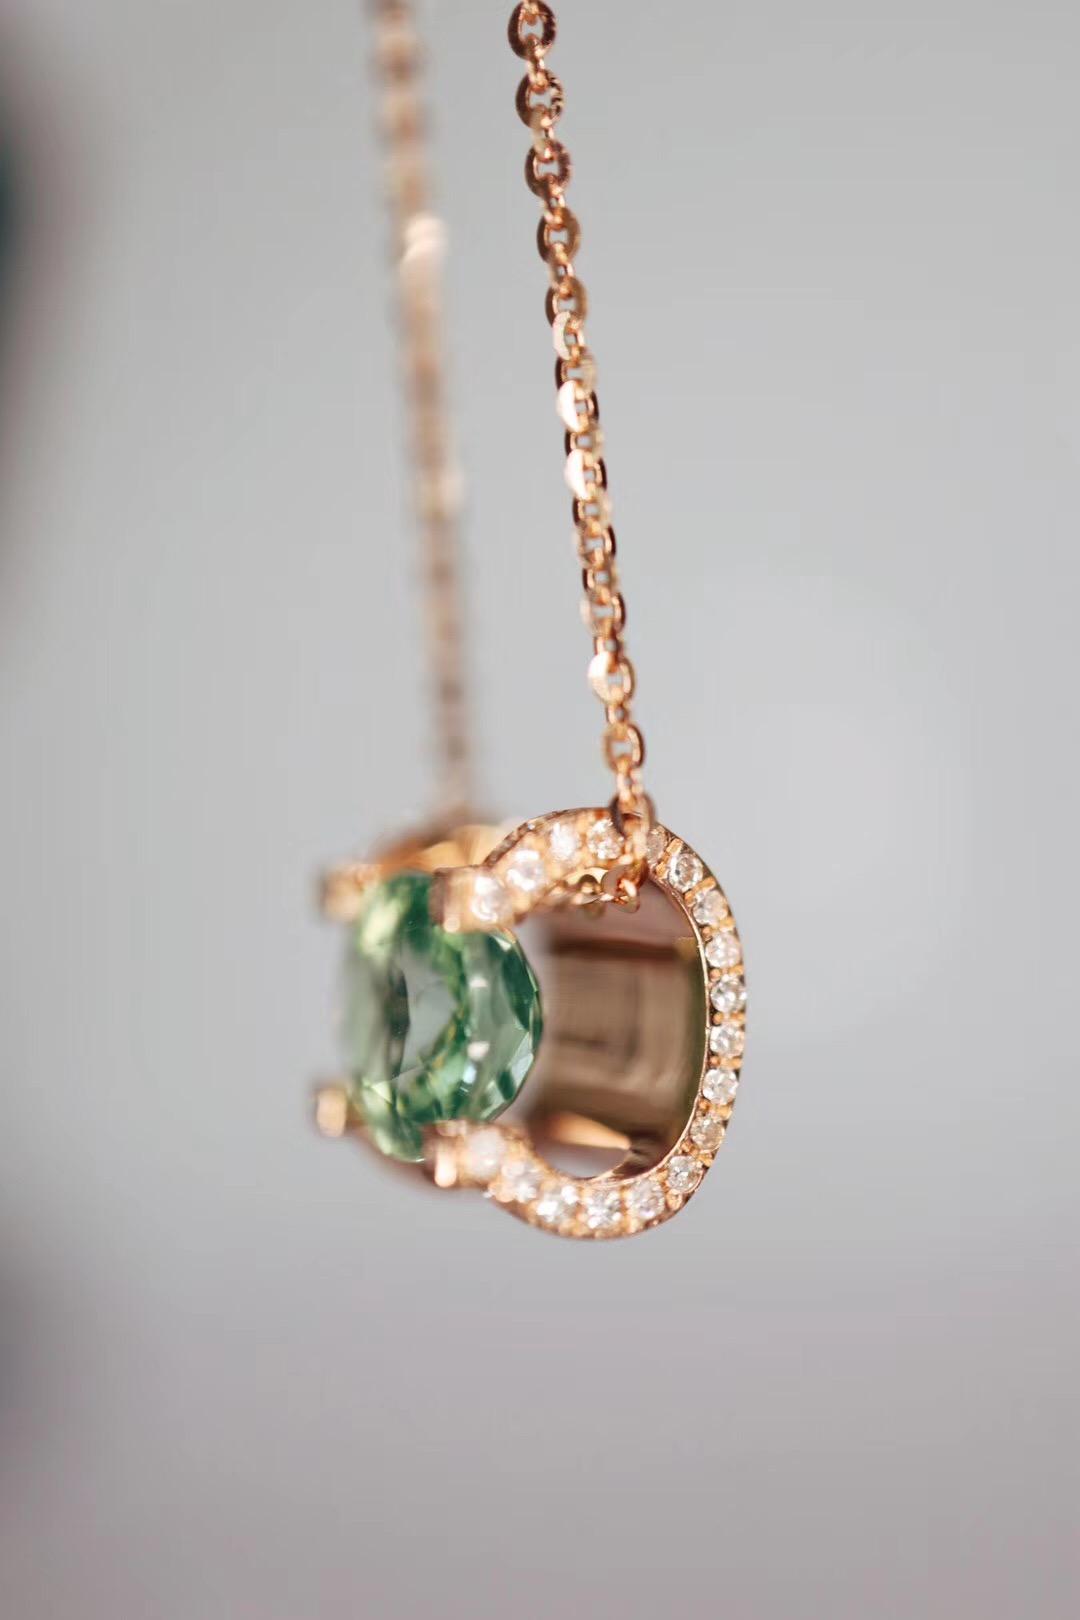 【碧玺】360度都表现很完美的绿碧玺锁骨链-菩心晶舍